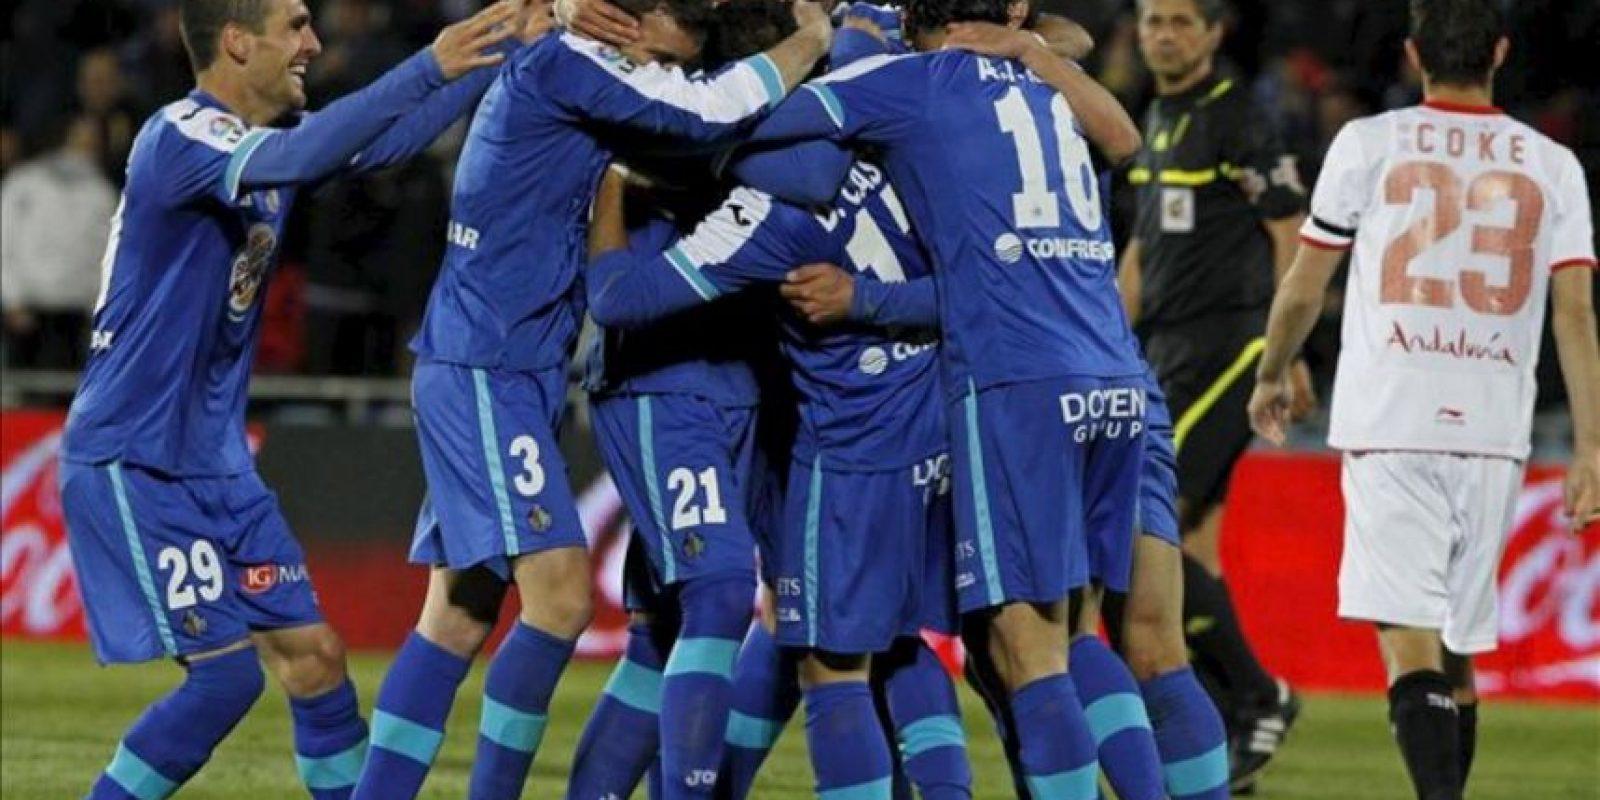 Los jugadores del Getafe celebran el segundo gol del equipo madrileño, durante el encuentro correspondiente a la jornada 34 de primera división, en el Coliseum Alfonso Pérez de Getafe. EFE